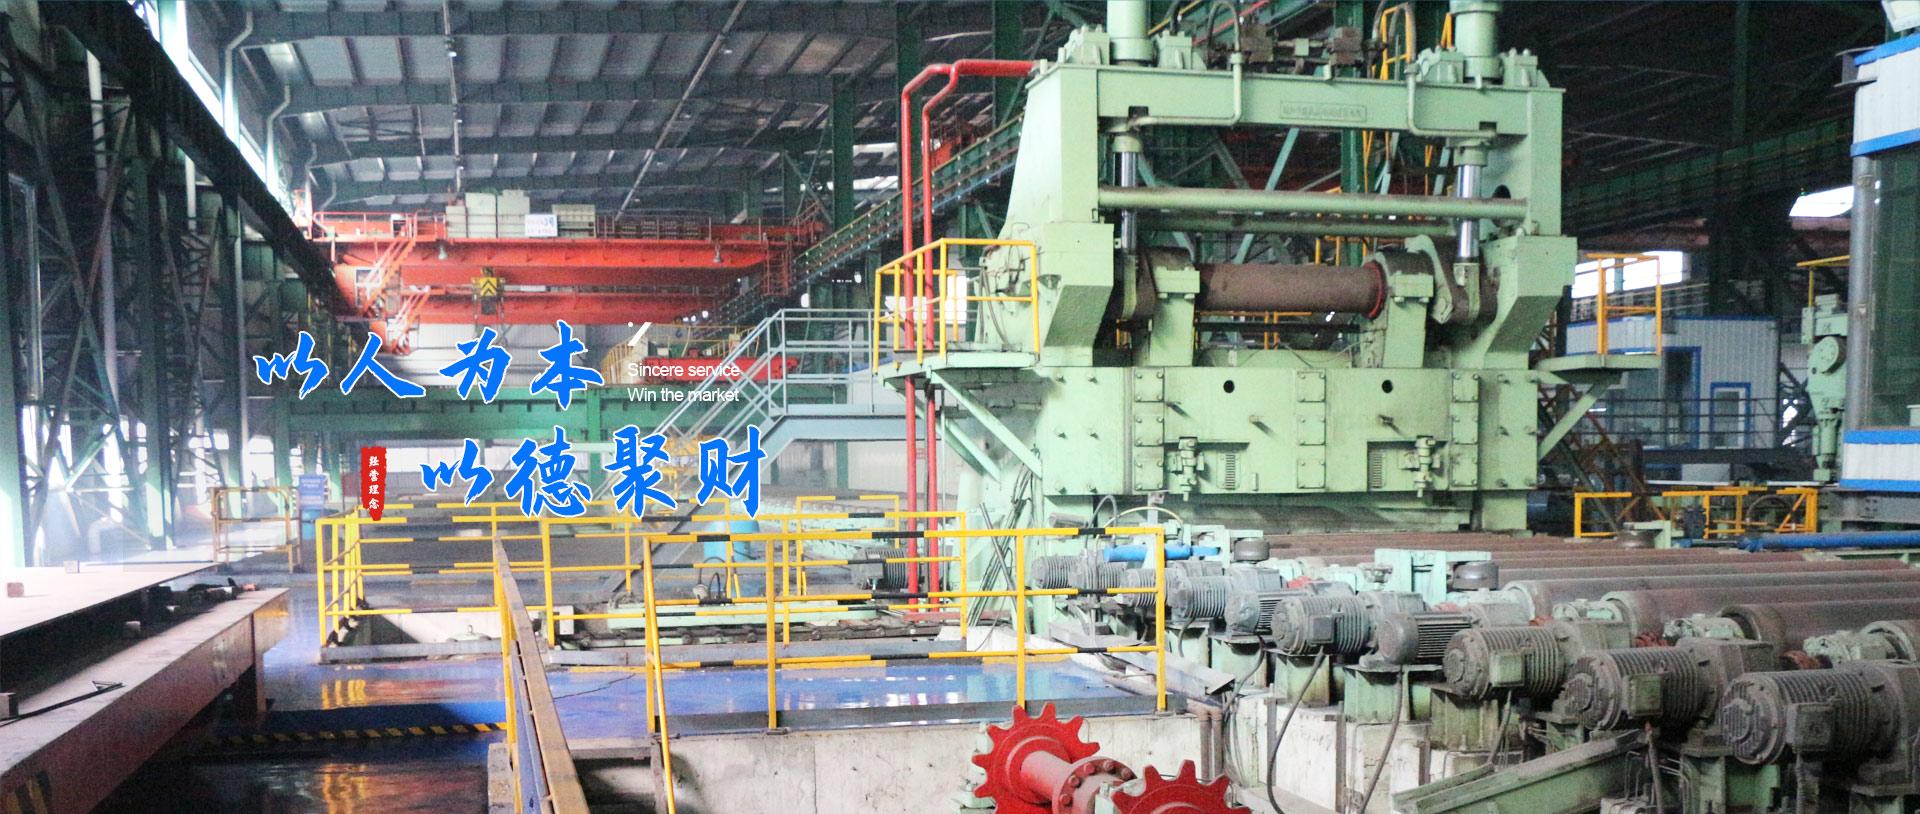 中板廠家,中厚板廠家,鋼板生產廠家,中板廠家,中厚板廠家,鋼板生產廠家